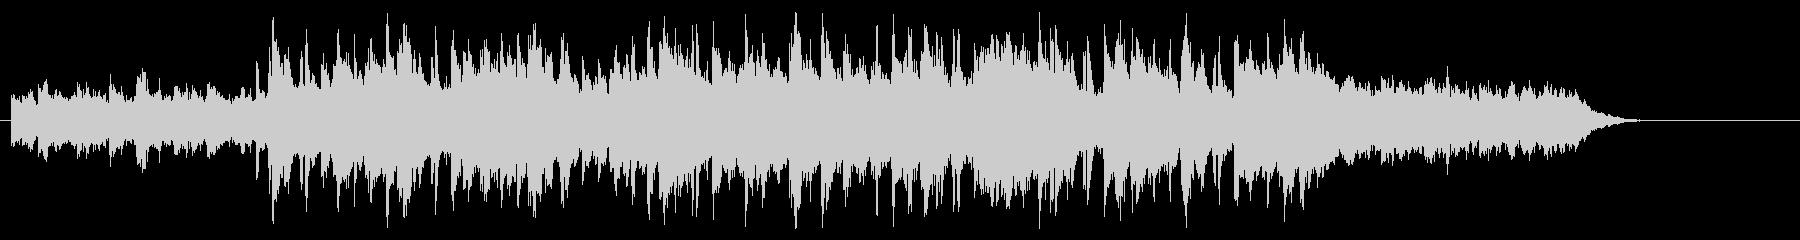 明るいシャッフルビートのピアノBGMの未再生の波形